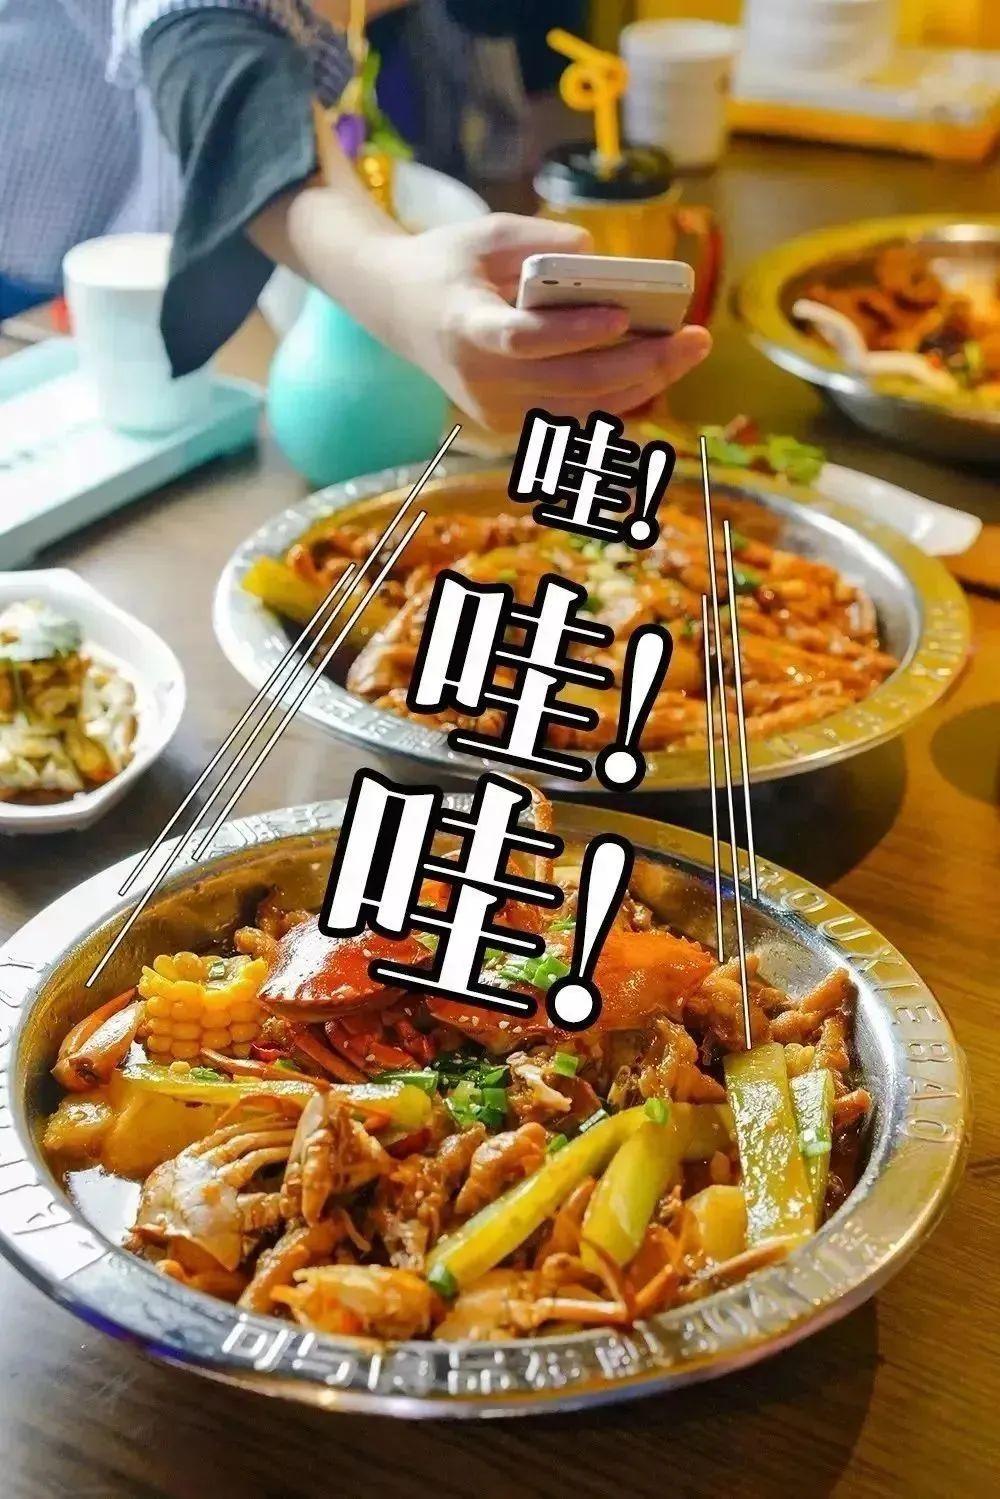 【东湖区】肥美鲜香!肉欲满满!¥68起抢价值176元「玲玲家的肉蟹煲」=2人餐/3-4人餐!锅煲4选1+配菜等!周末节假日通用